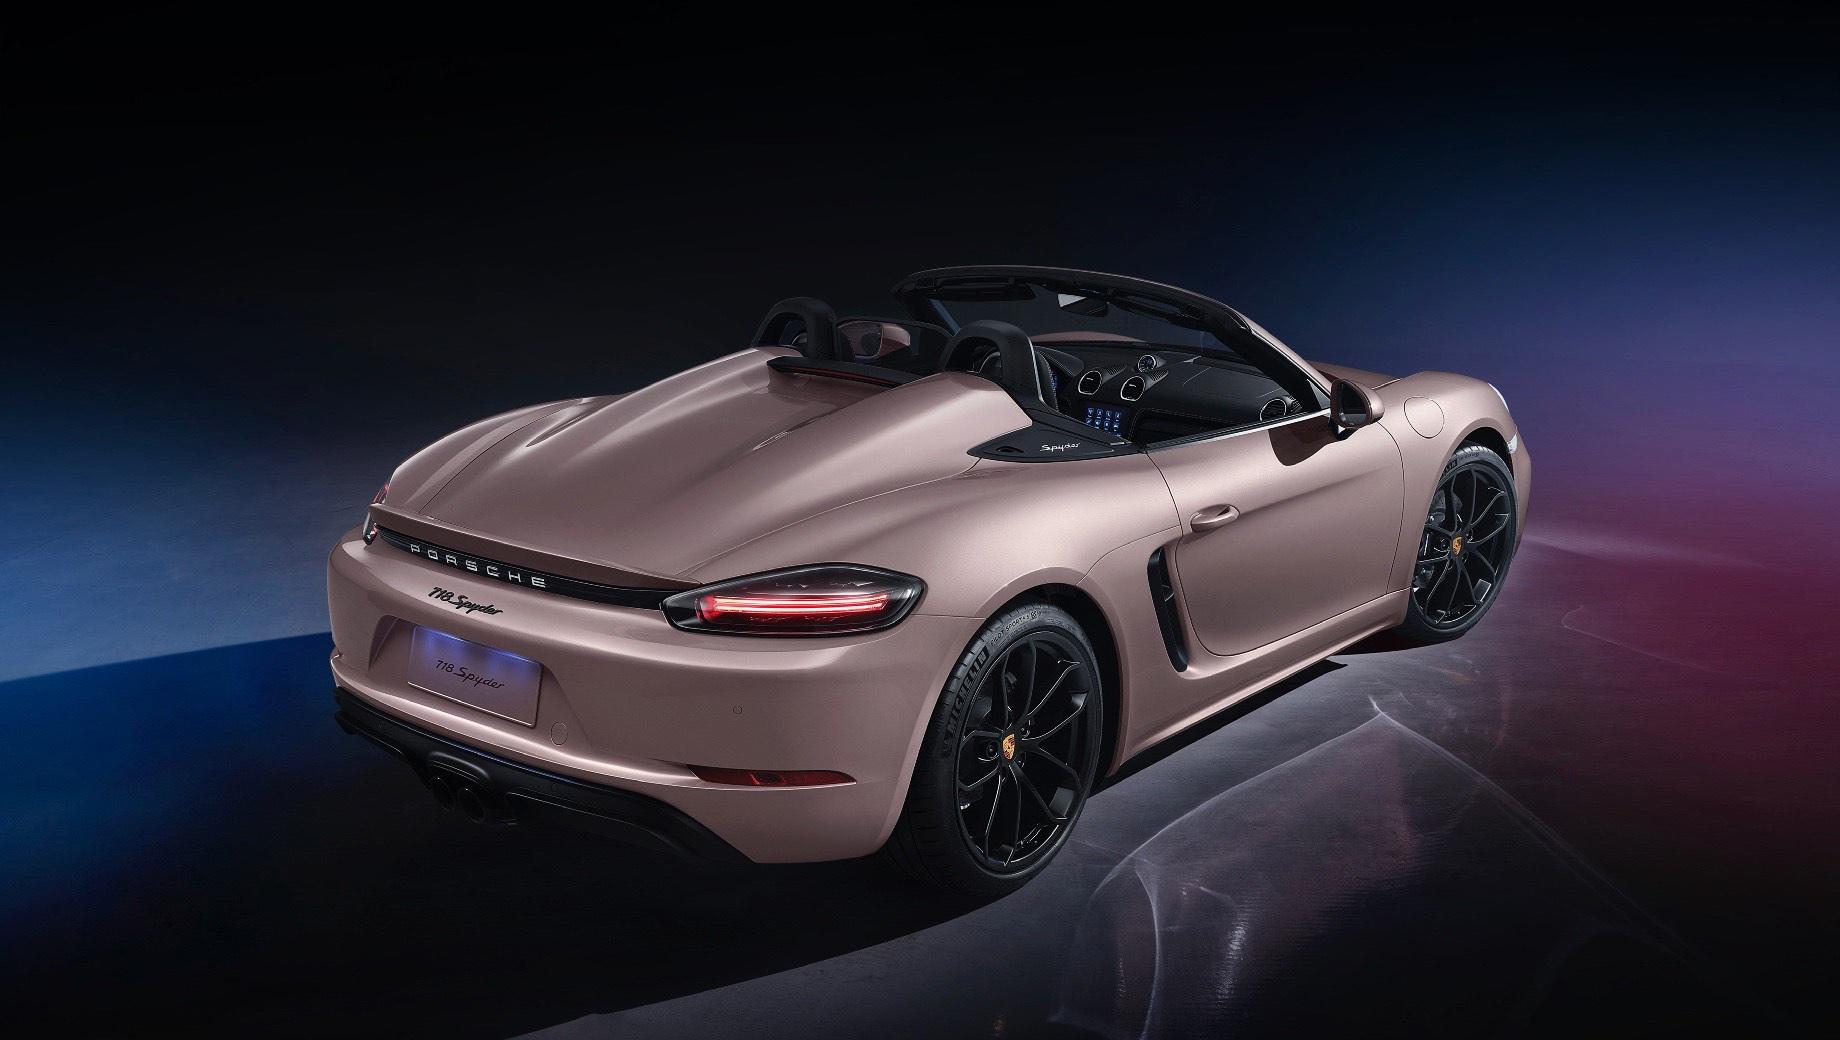 Porsche 718 spyder,Porsche 718 boxster. Porsche 718 Spyder для Китая бывает только с семиступенчатым PDK, хотя на прочих рынках есть ещё и «механика» с шестью передачами. Новинка уже поступила в продажу по цене от 738 000 юаней (8,5 млн рублей). Базовый Boxster стоит 565 000 юаней (6,5 млн), а Boxster S — 797 000 (9,2 млн).